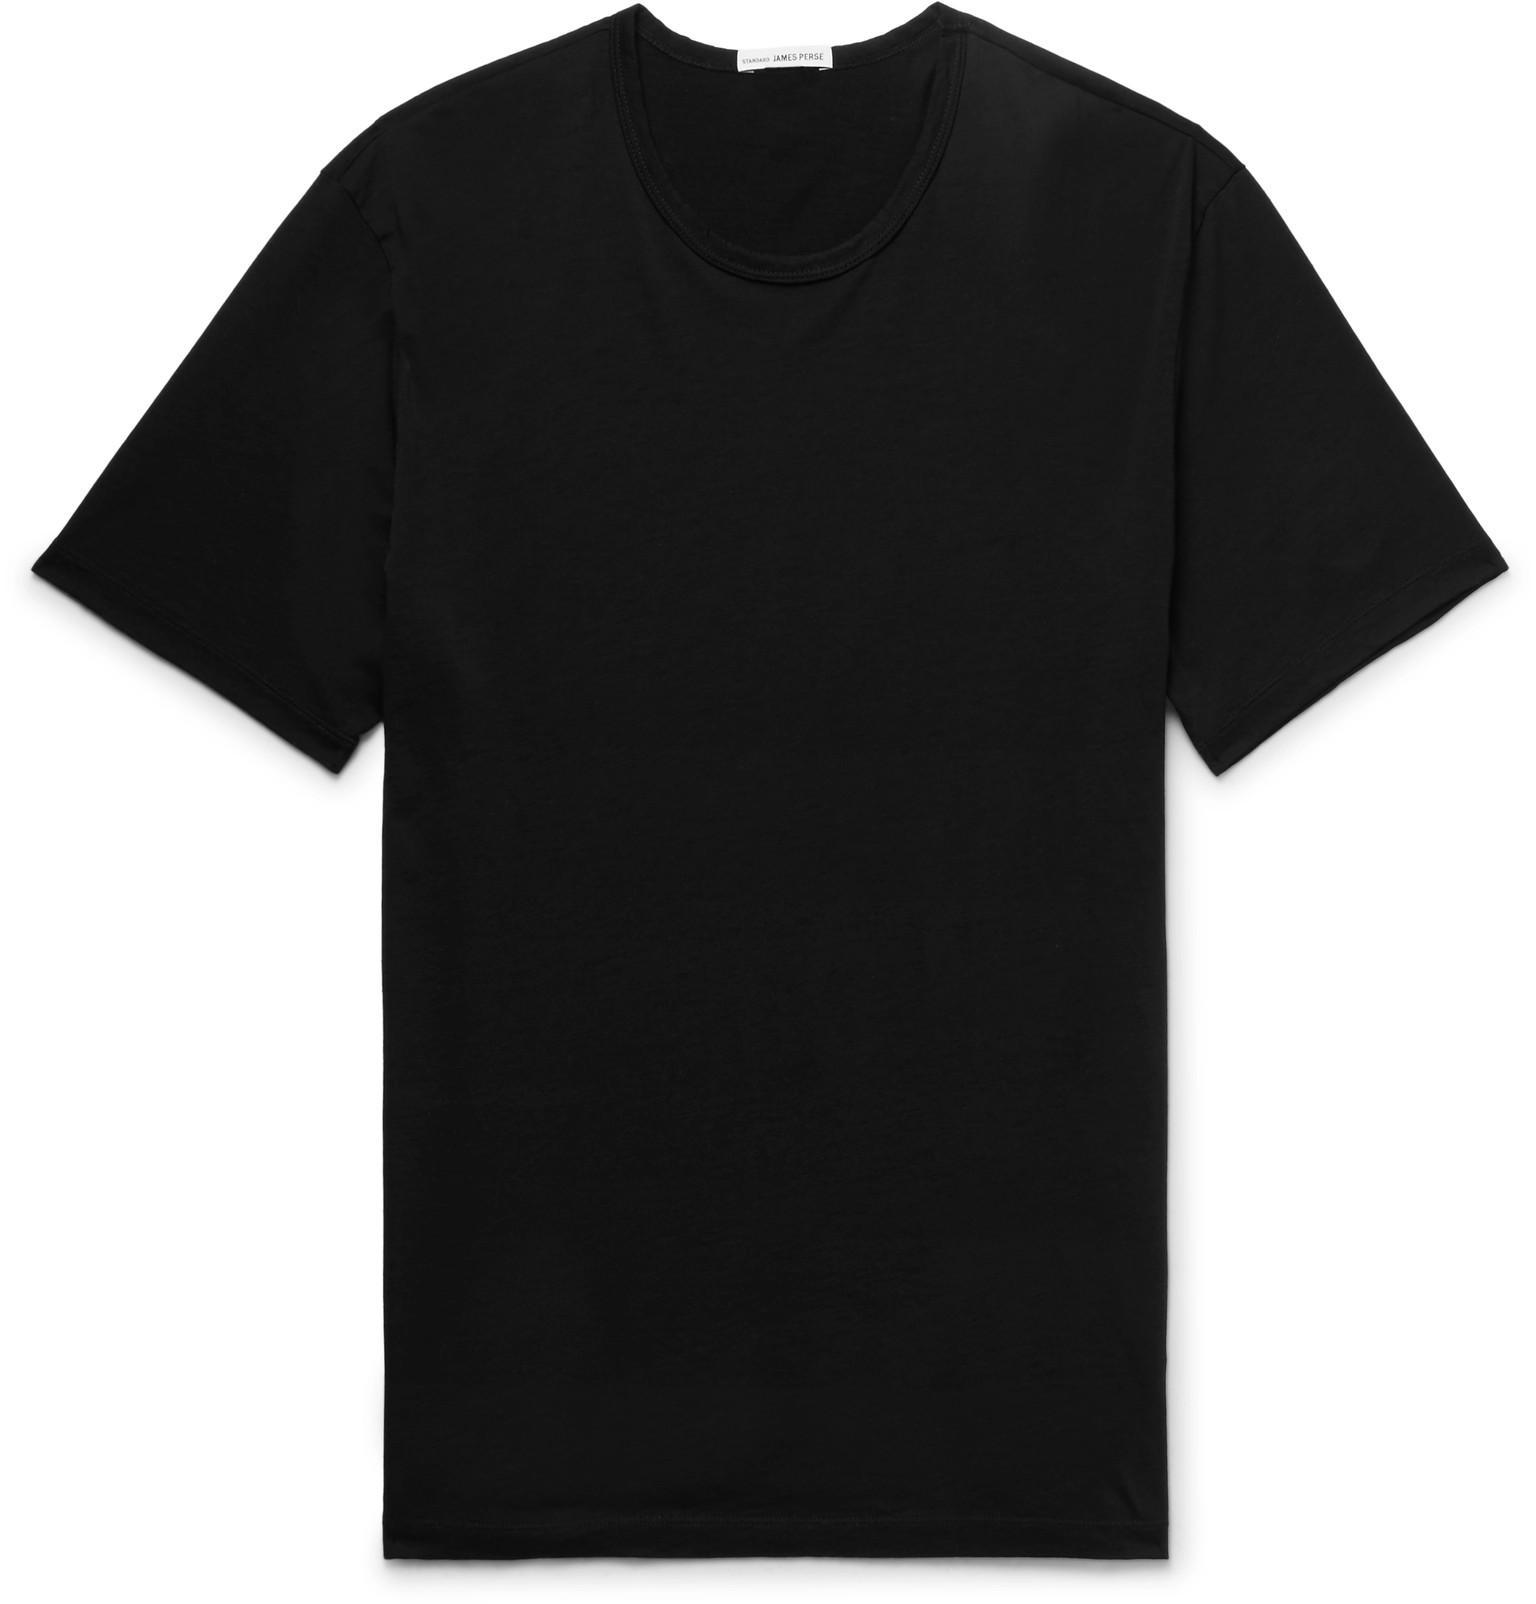 mezcla mezcla Perse James algodón de de de cachemira y Camiseta slim de de punto con ajuste 0xwTtZqg